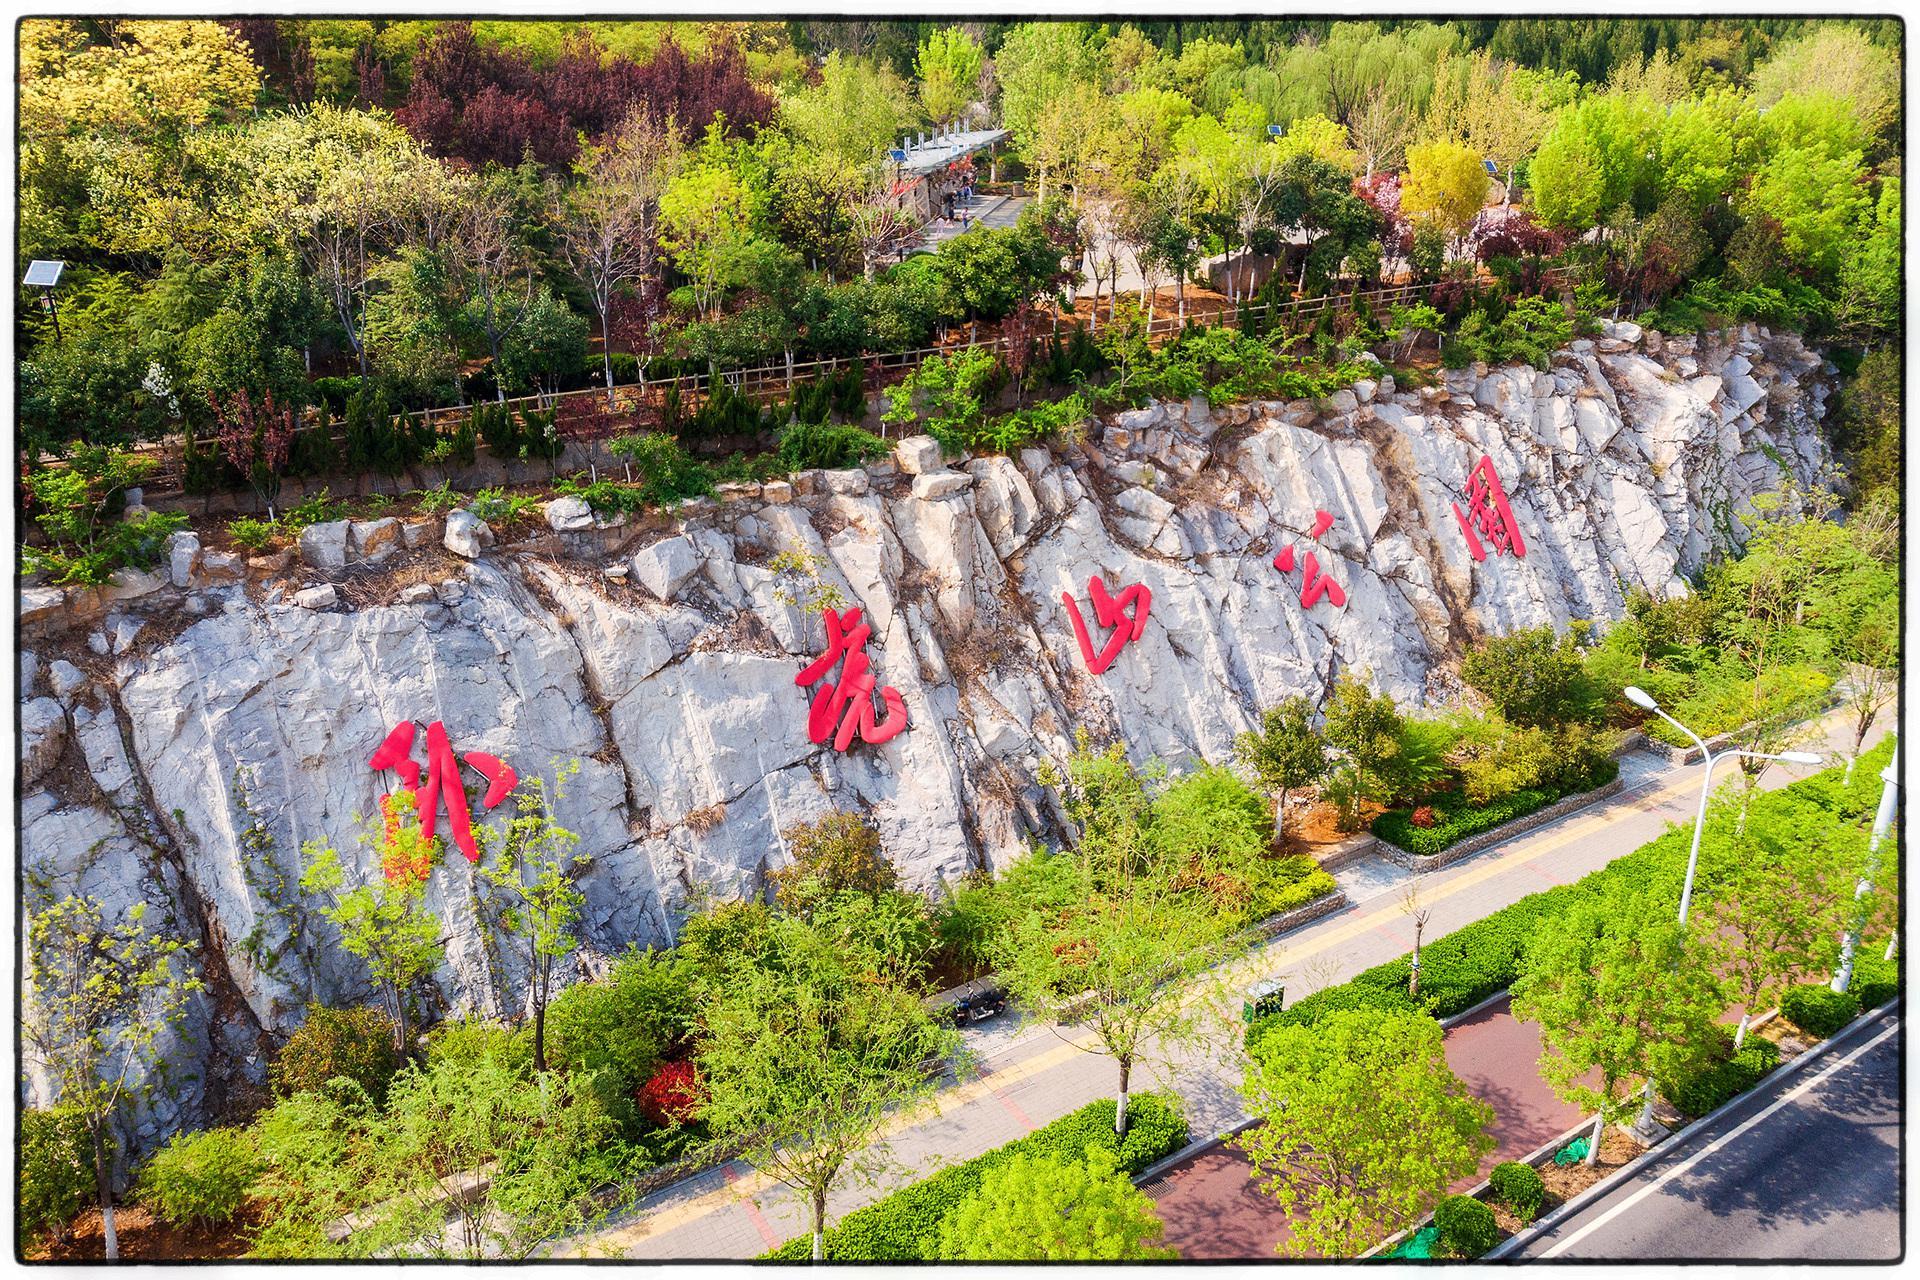 卧虎山公园位于济南市中区旅游路转盘南侧,是集观赏,休闲